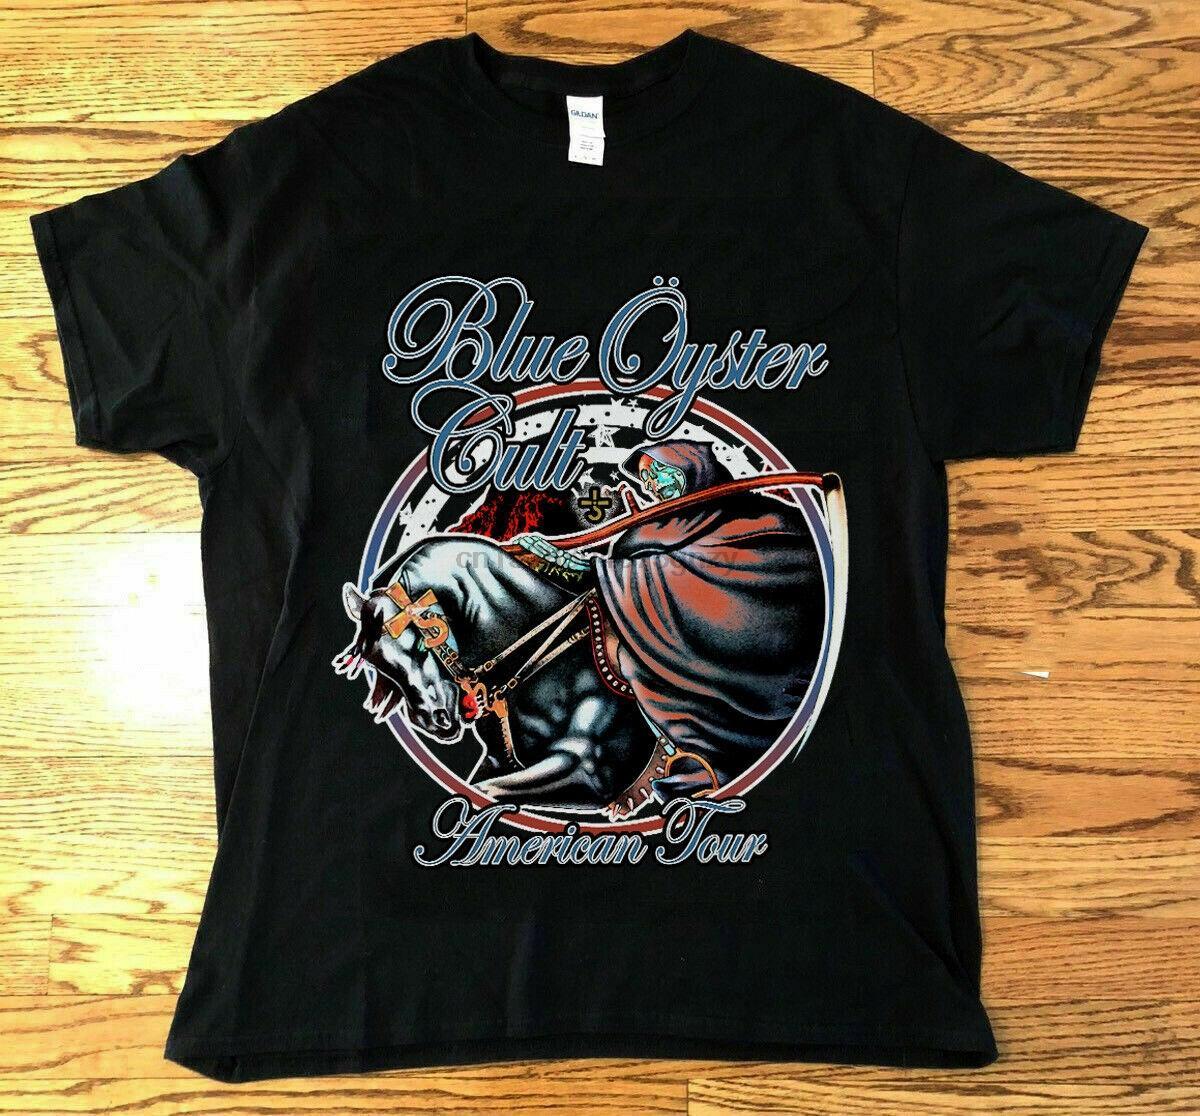 Blue Oyster Cult camisa de la vendimia 1978 Some Enchanted Evening REIMPRIMIR S-3XL DE DOS LADOS Hombres Mujeres Moda Unisex camiseta envío